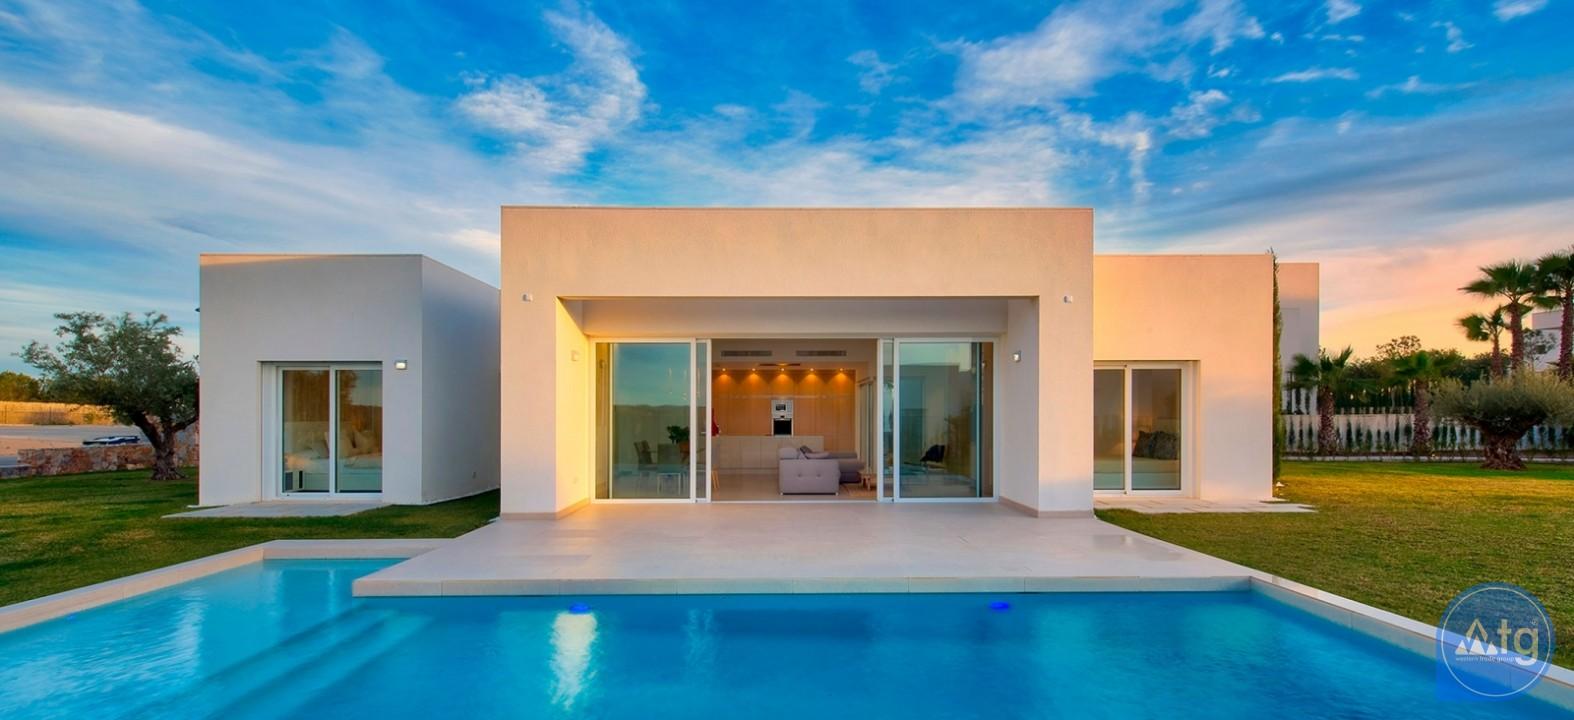 3 bedroom Villa in Las Colinas  - SM8526 - 1